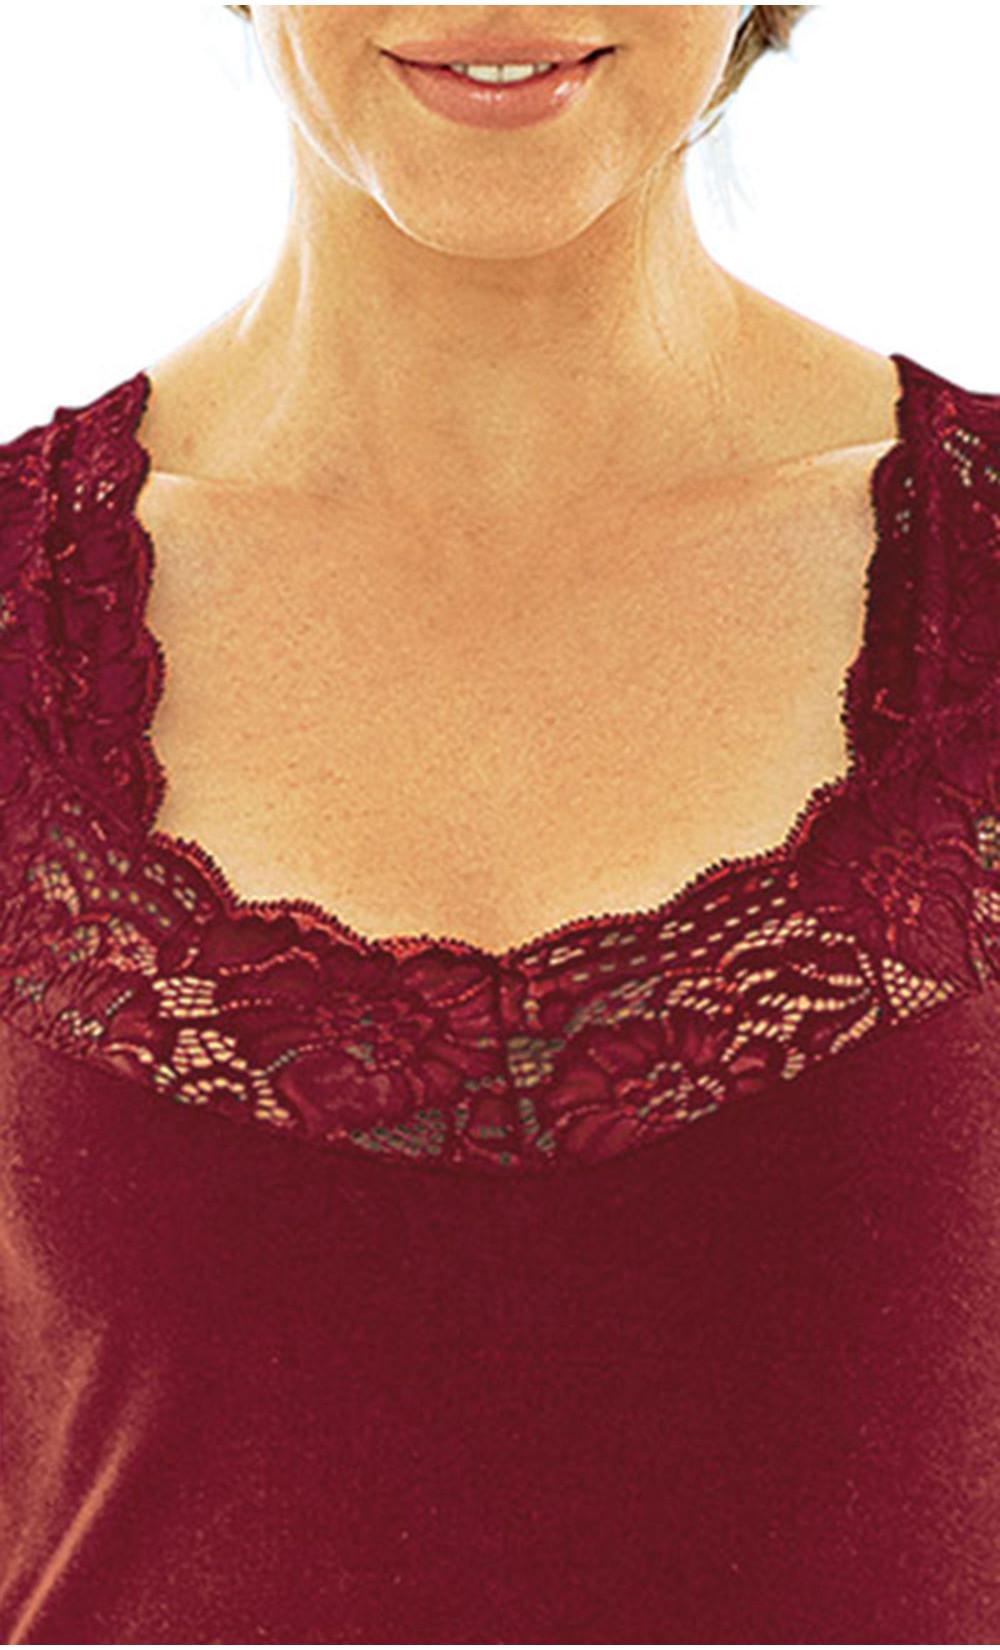 chemises sans manches - VAIRE